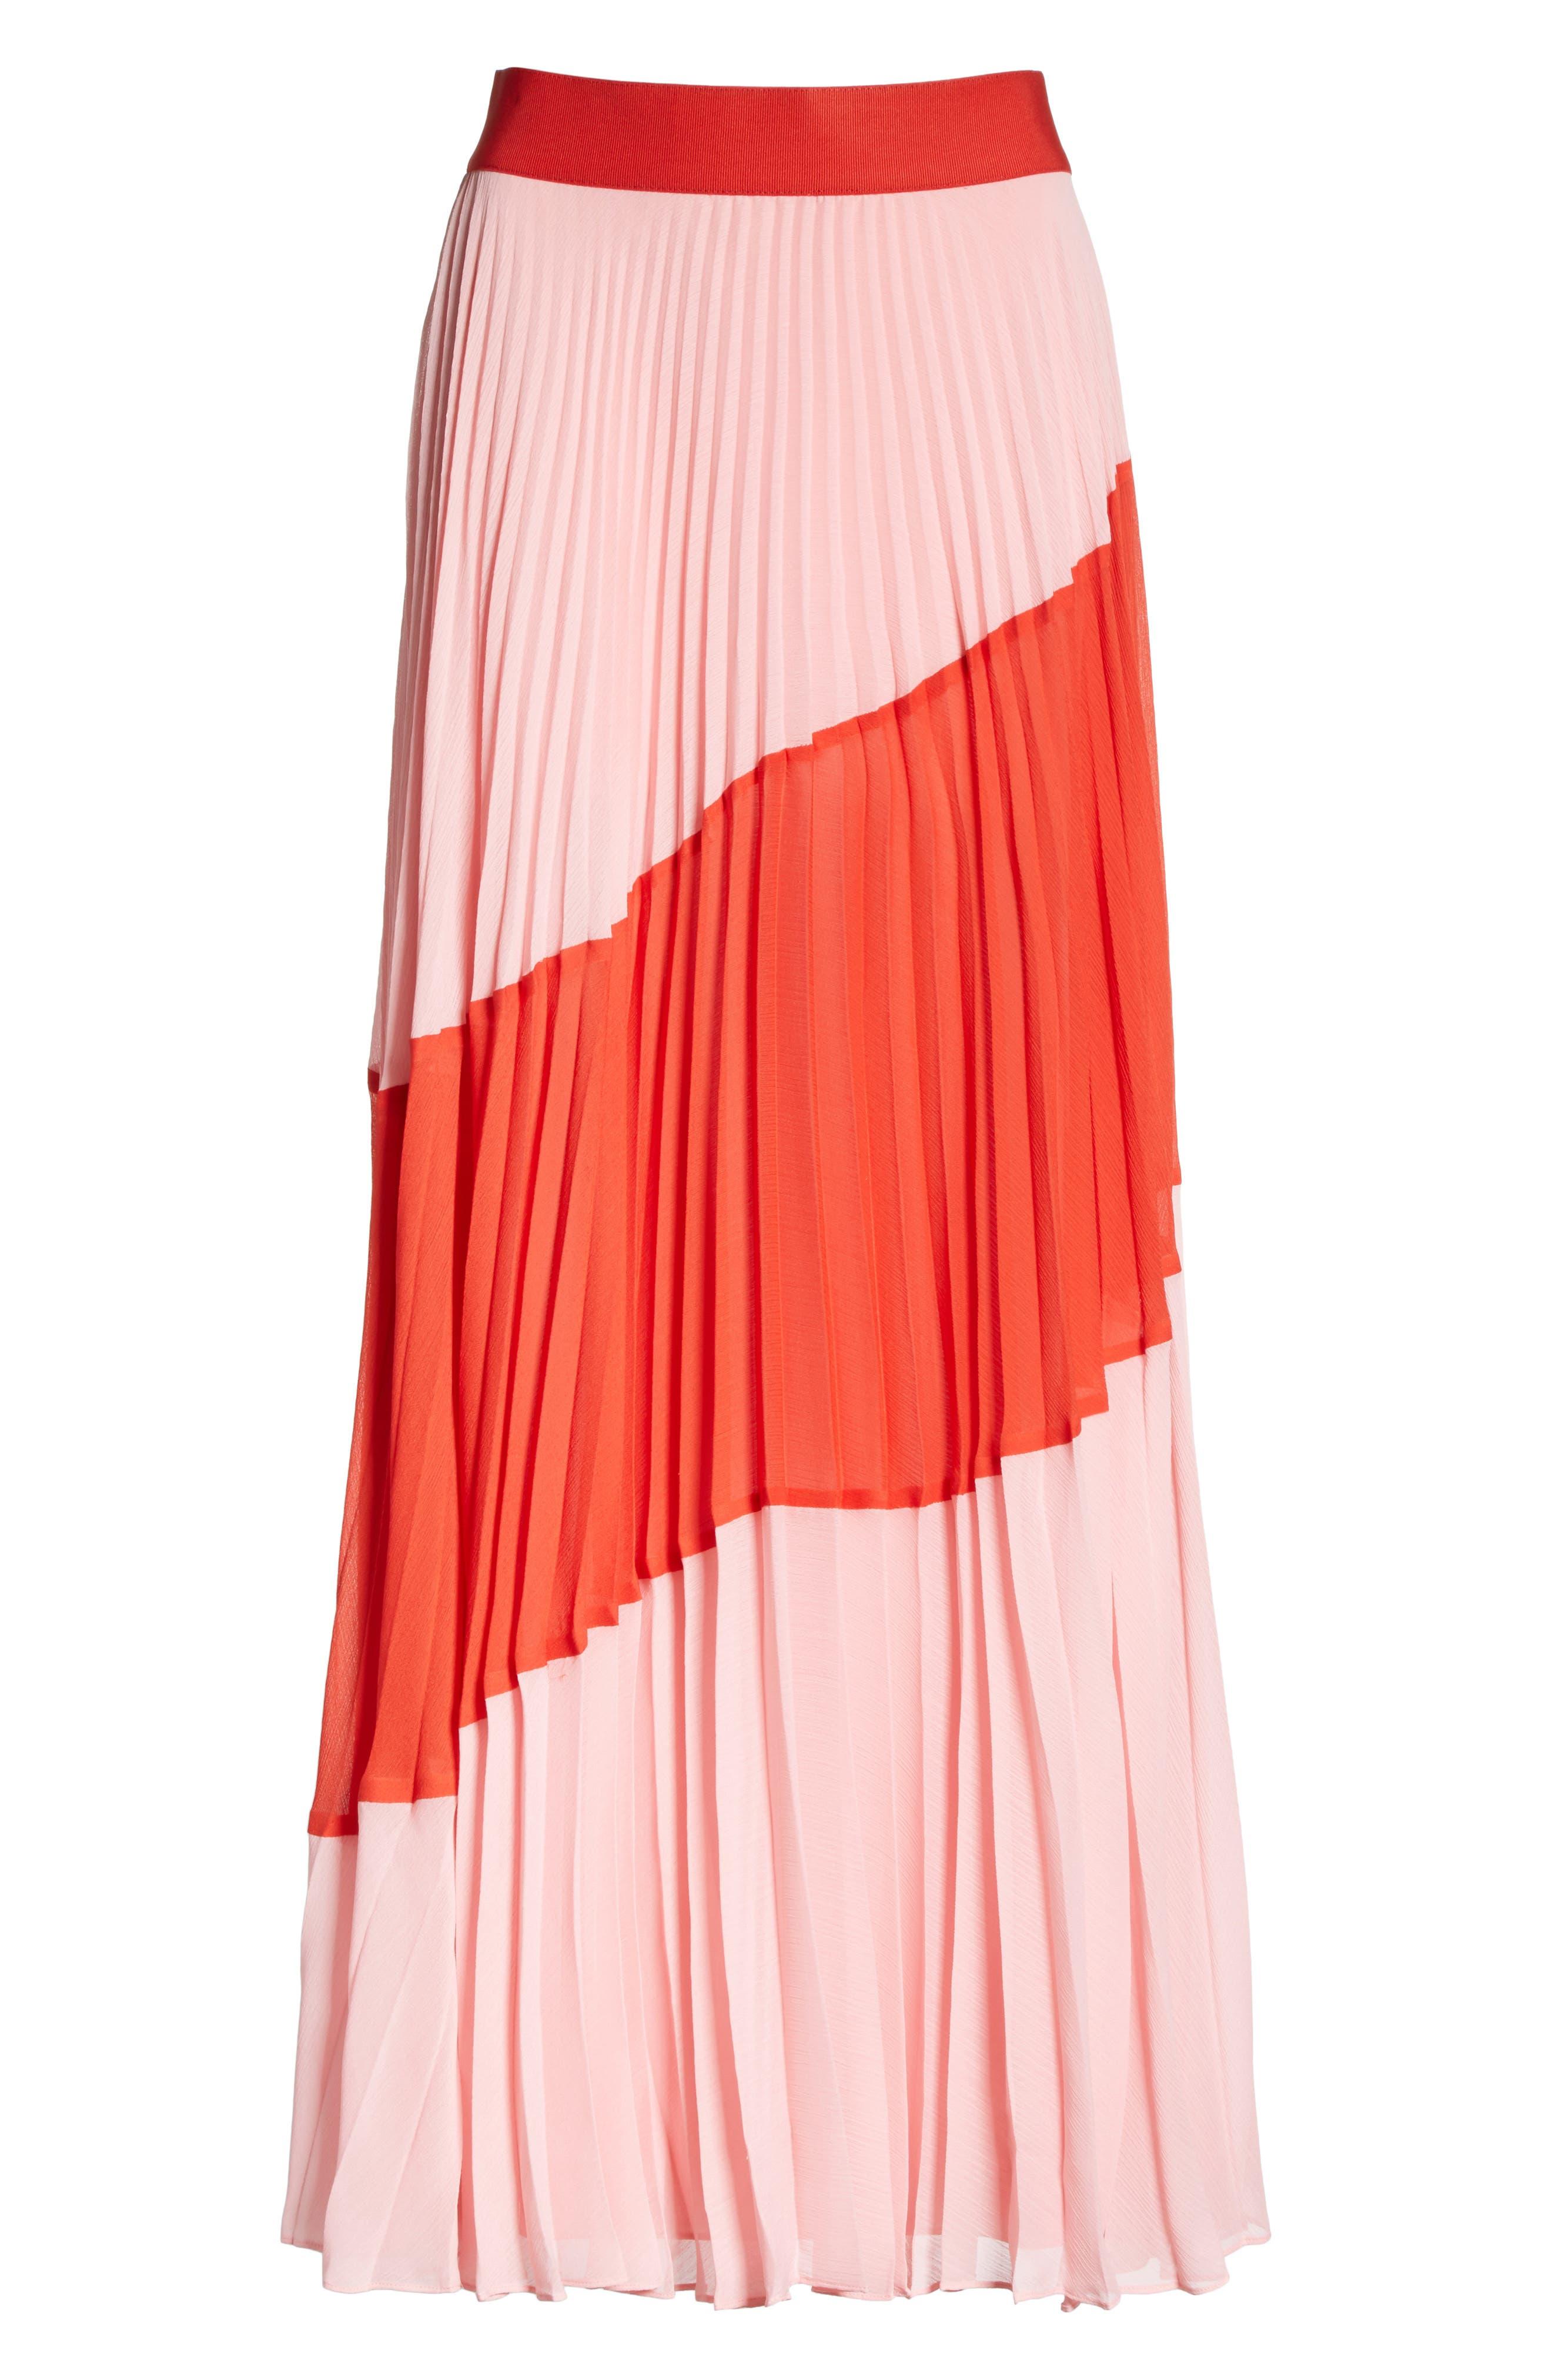 Tavi Colorblock Maxi Skirt,                             Alternate thumbnail 6, color,                             615